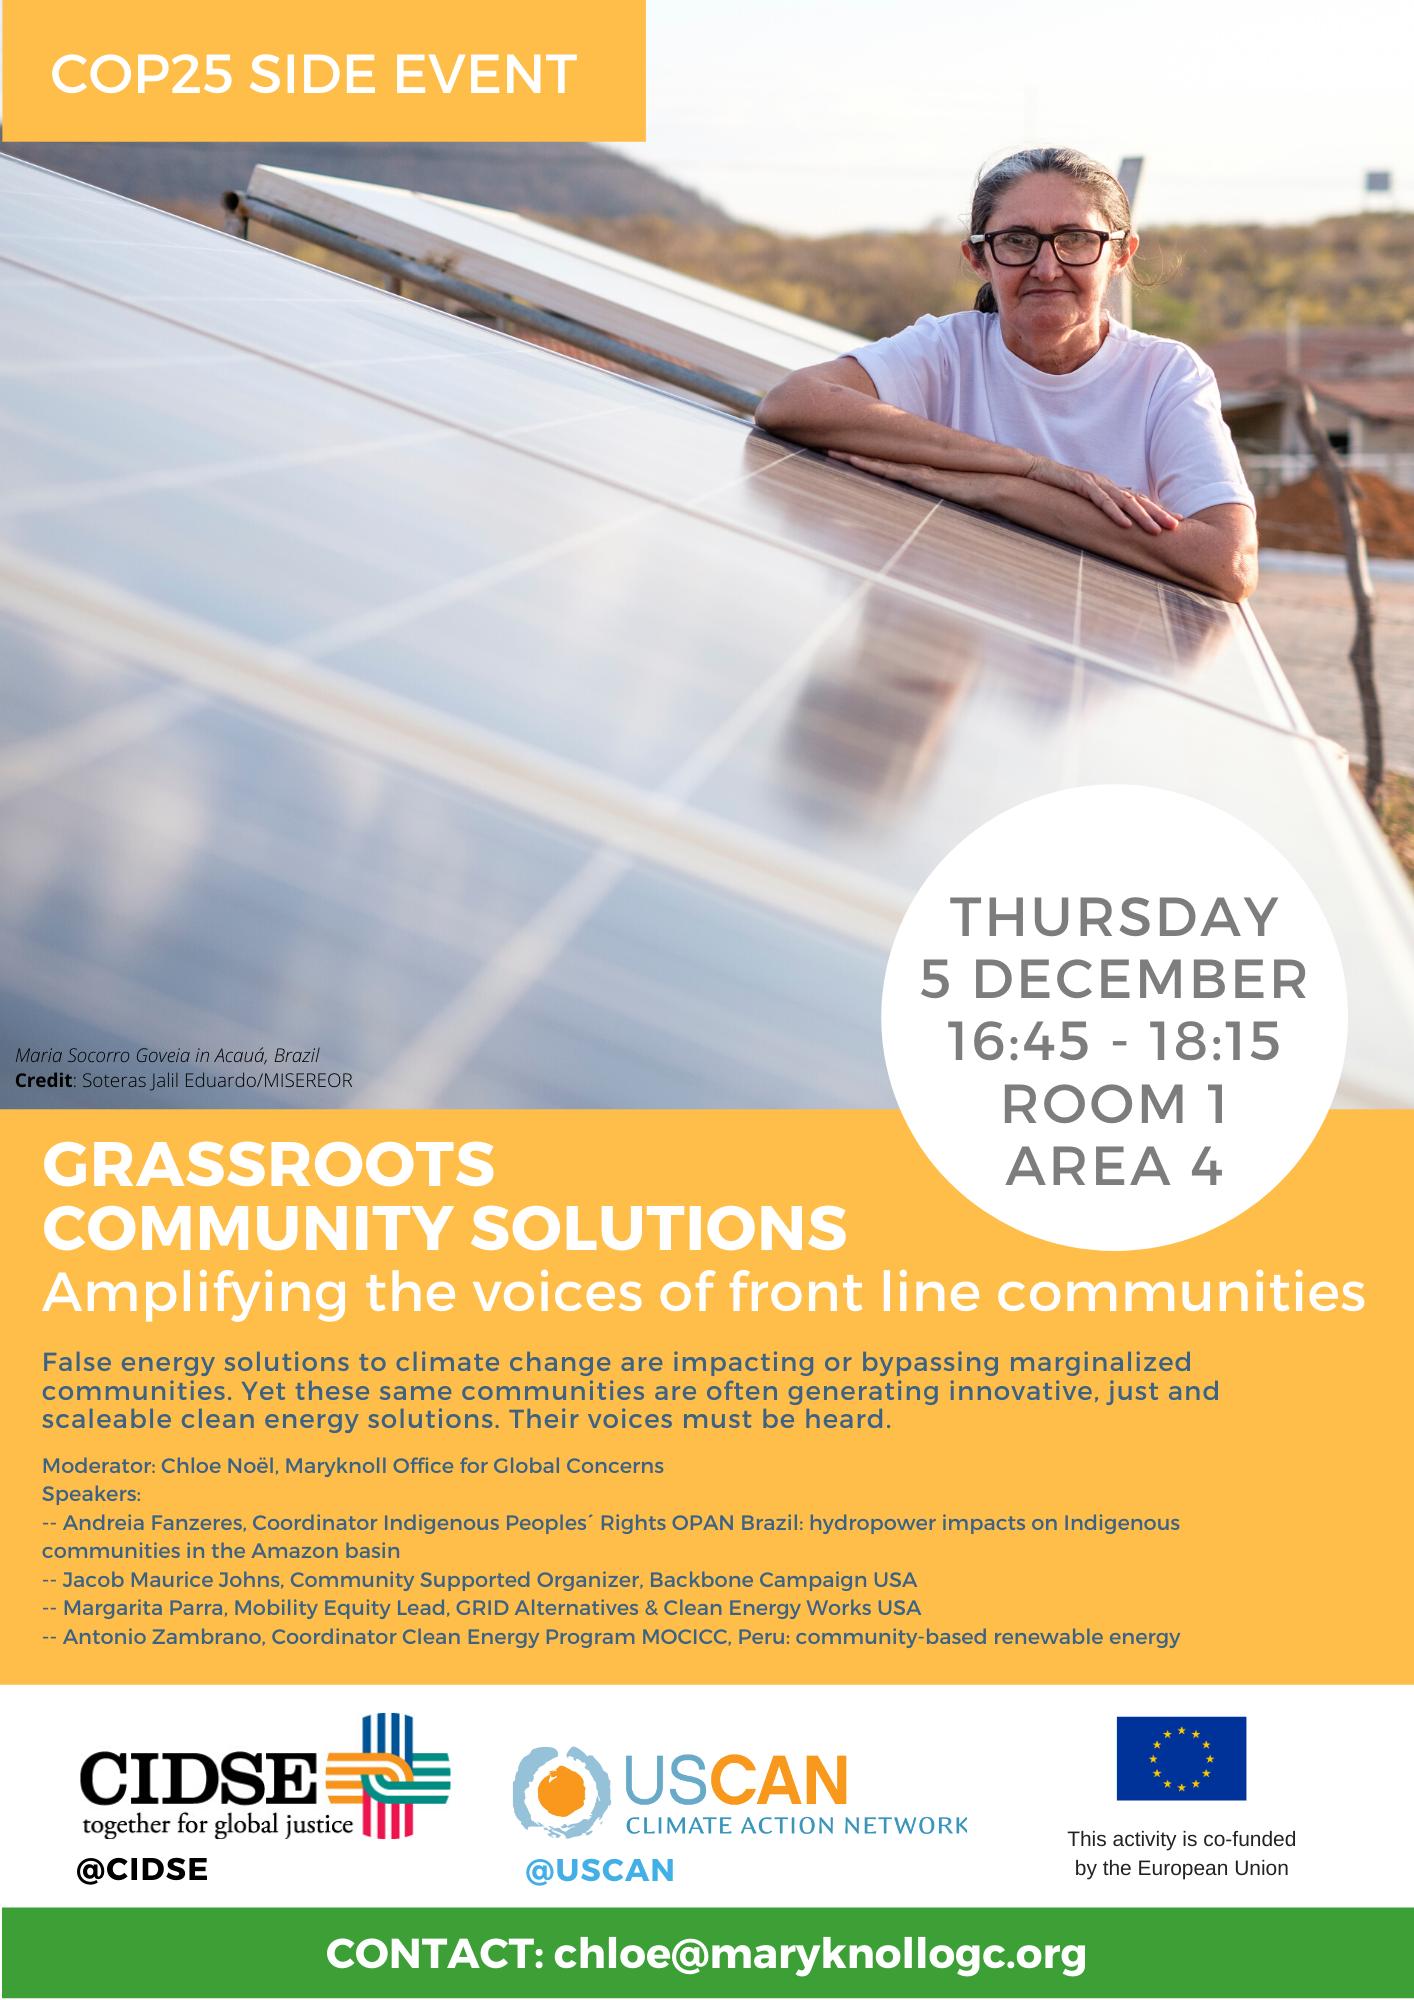 Evento paralelo COP25: Soluções comunitárias